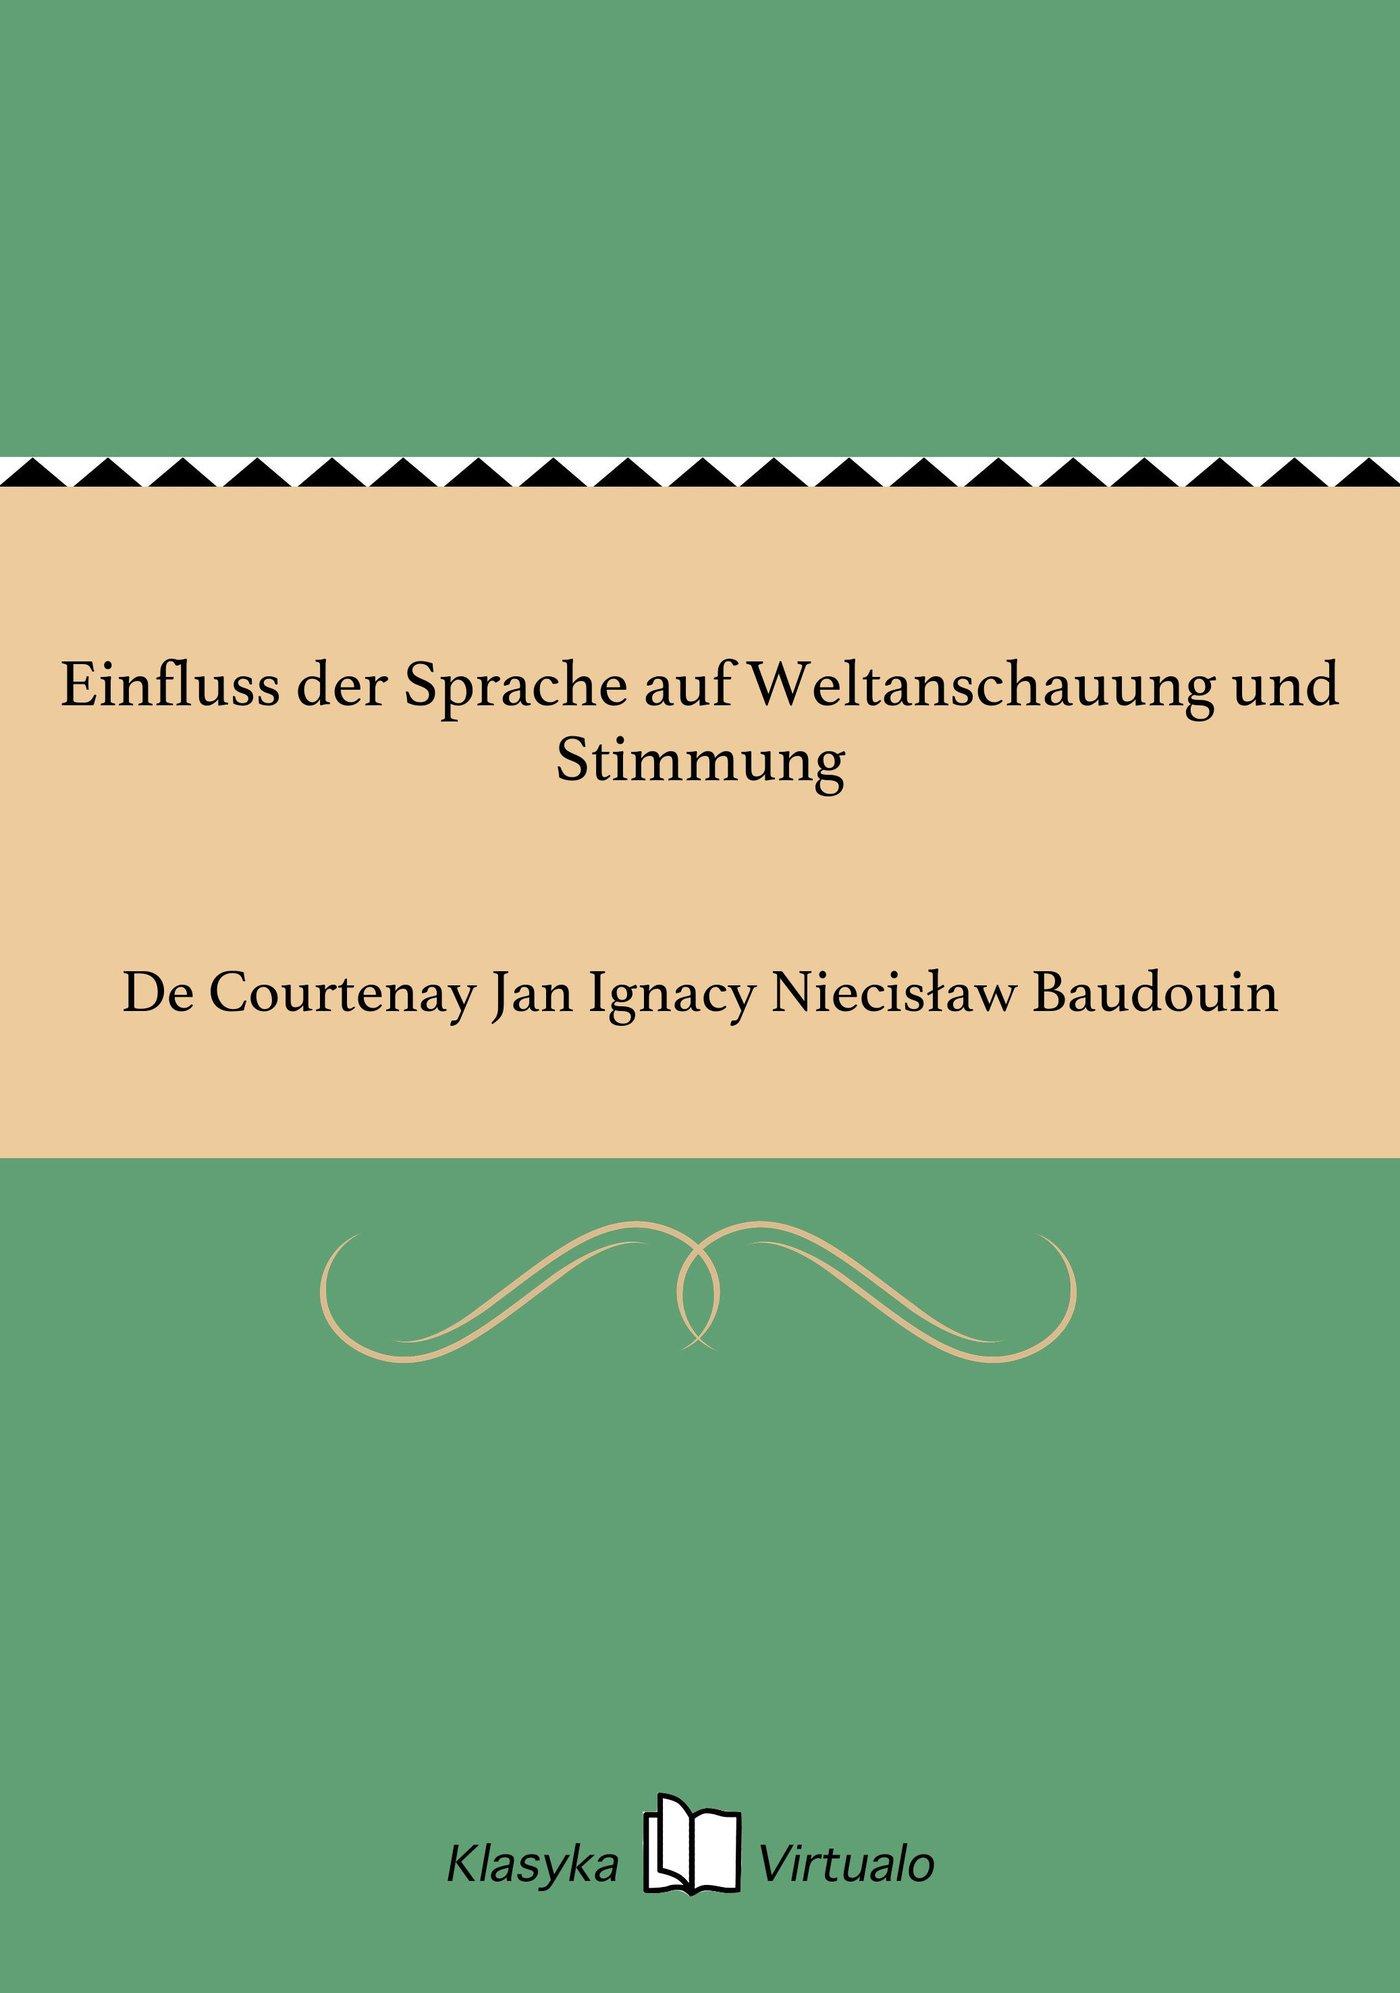 Einfluss der Sprache auf Weltanschauung und Stimmung - Ebook (Książka na Kindle) do pobrania w formacie MOBI